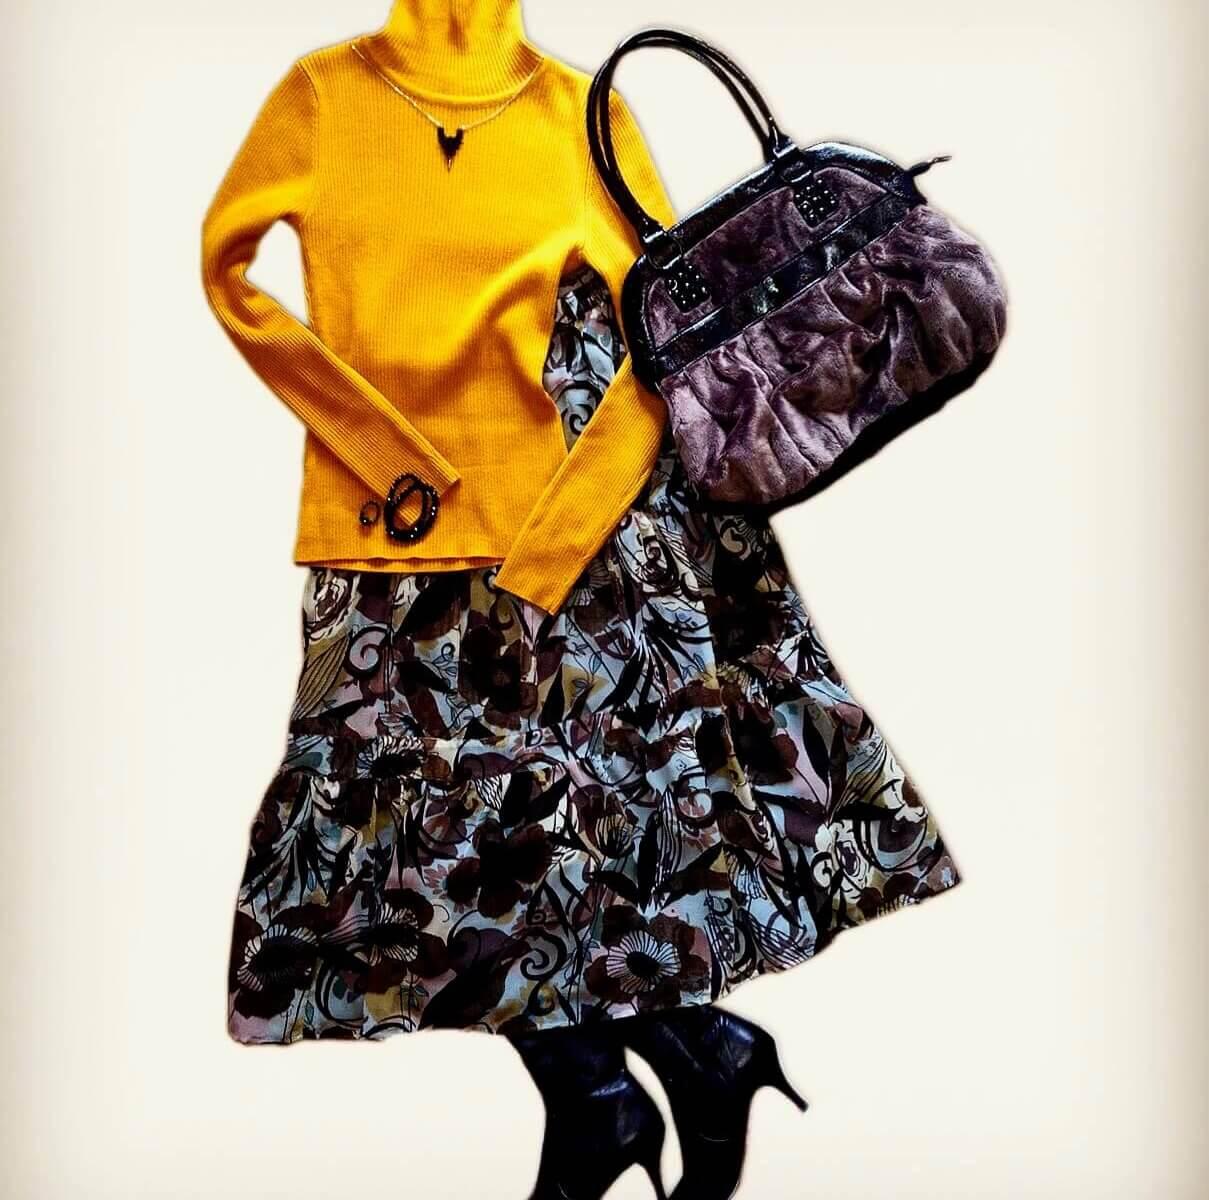 マスタード色のタートルニットに花柄のロングスカートを合わせたコーディネート。